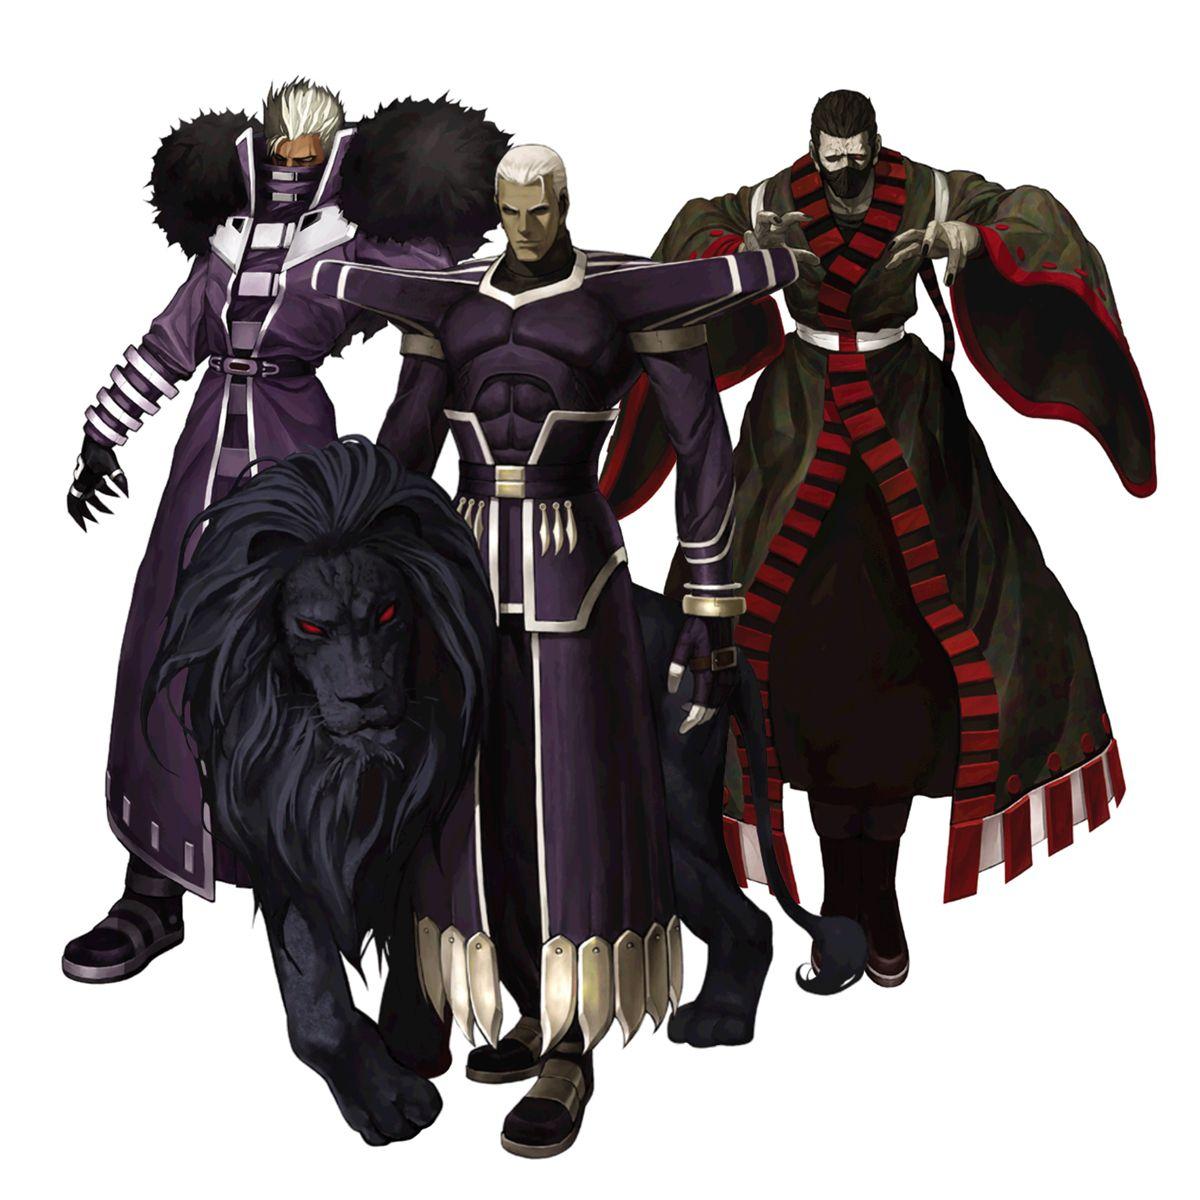 Old Zero Team